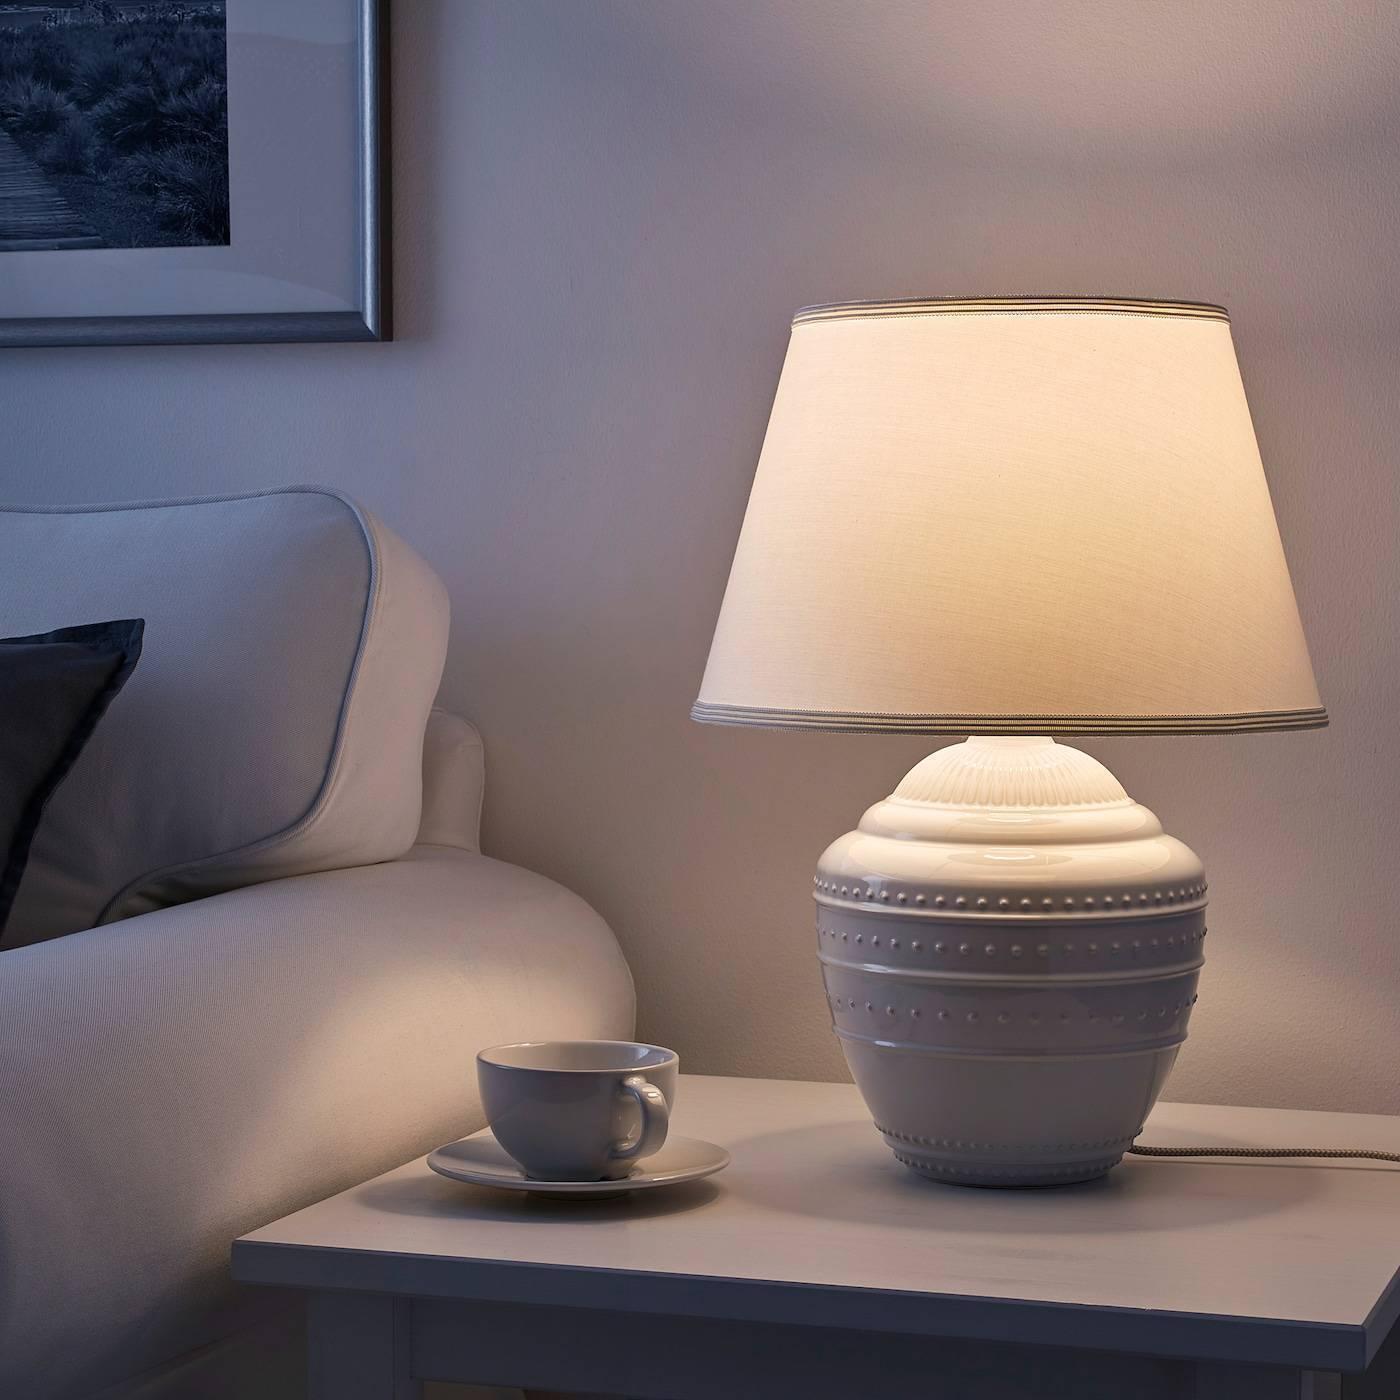 Настольная лампа для рабочего стола (55 фото)